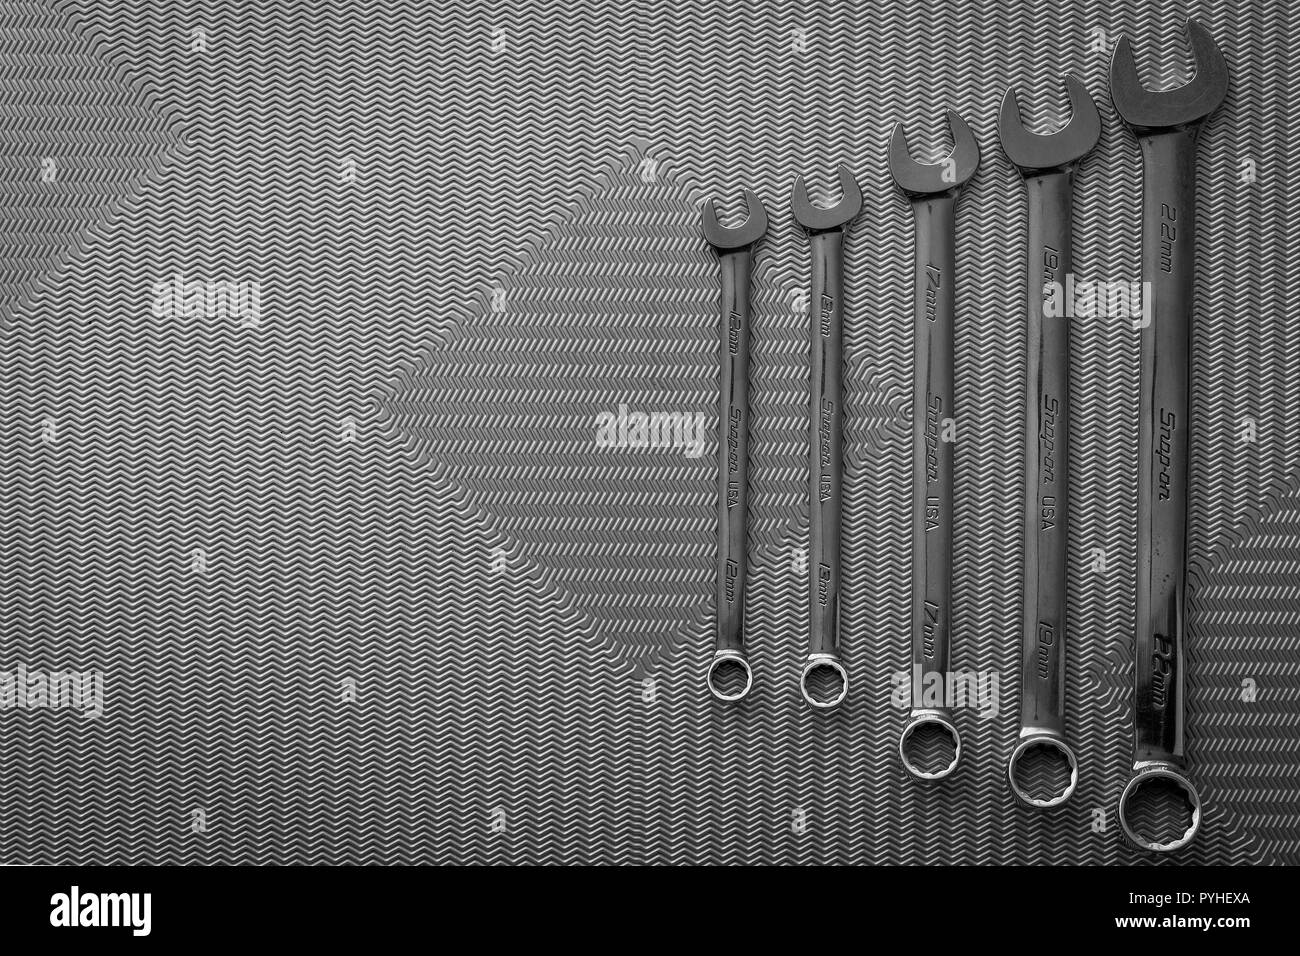 Engineering background - Stock Image